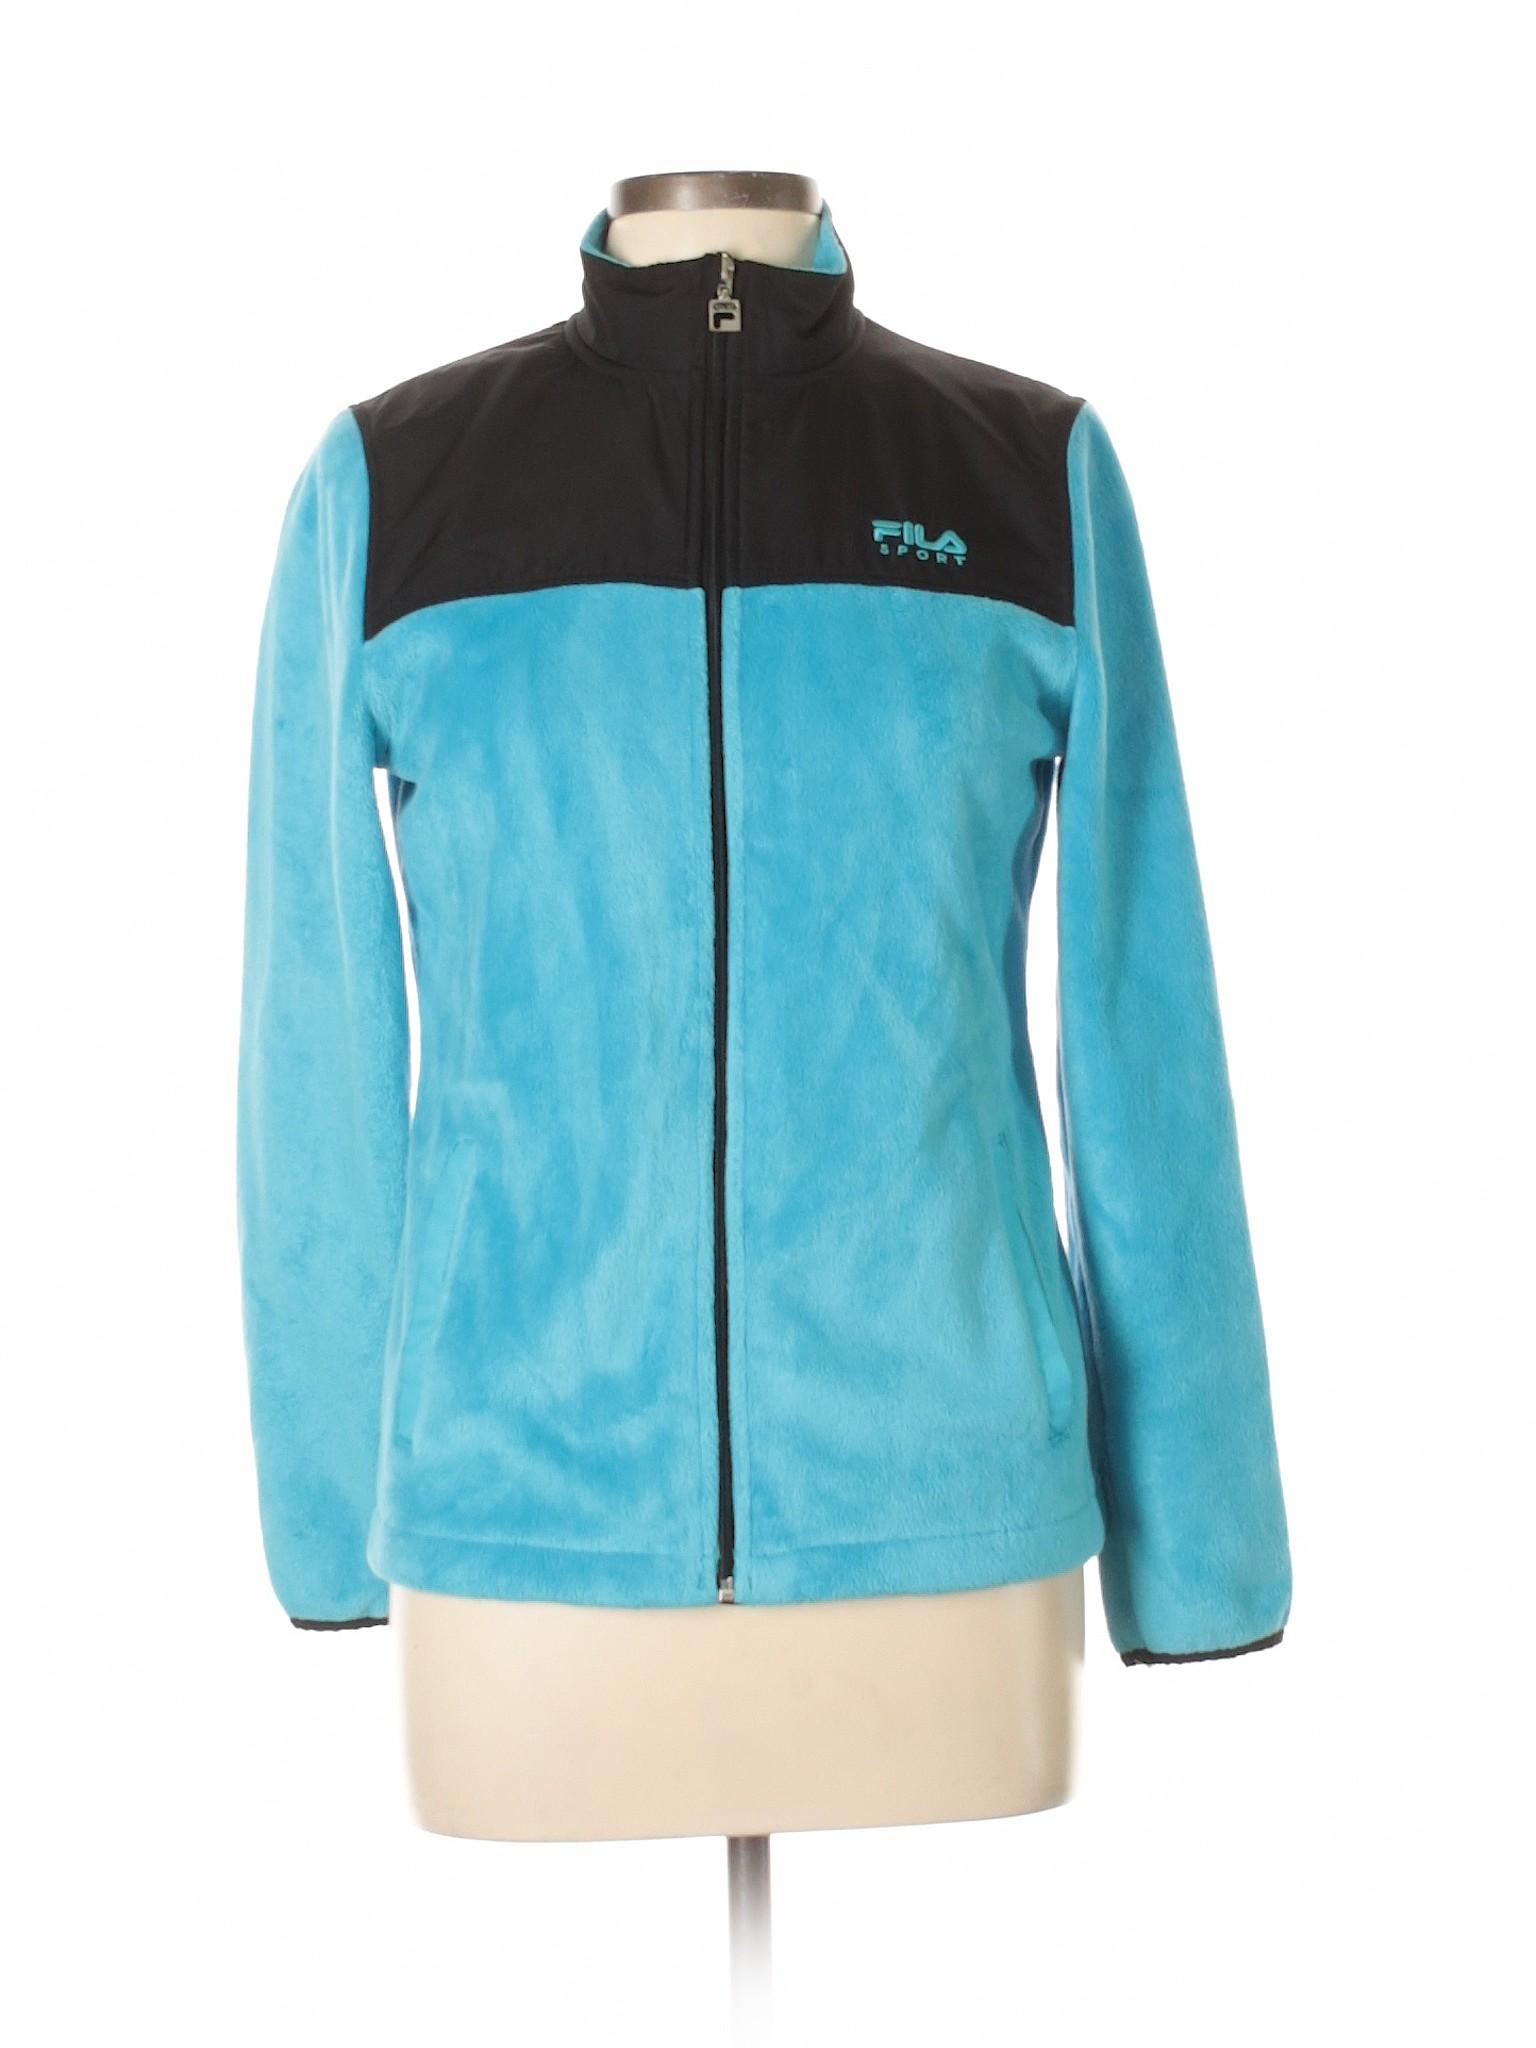 Boutique Boutique leisure leisure Fleece Fila f4qr7fw